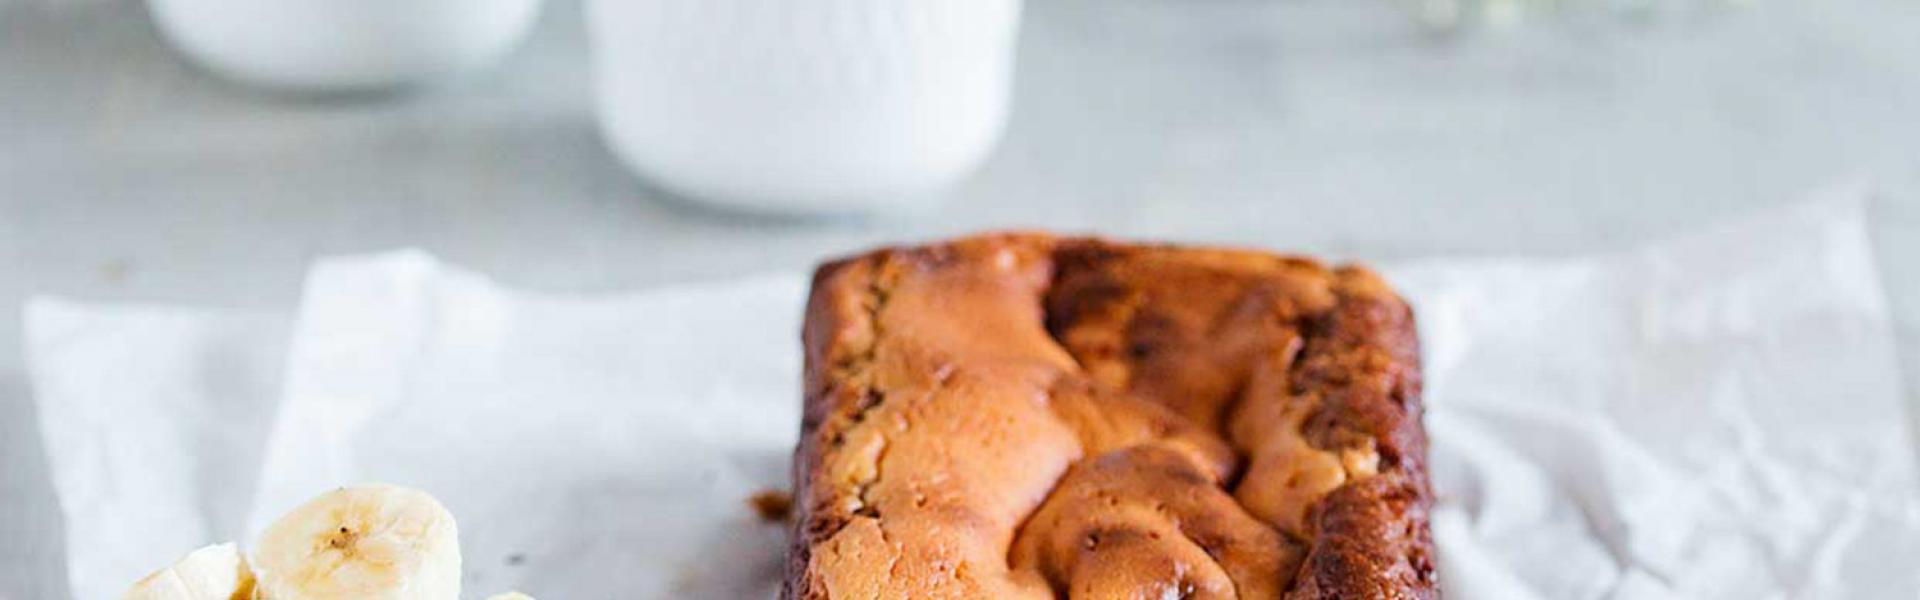 Banana Bread mit Cheesecake-Swirl liegt angeschnitten auf einem Stück Backpapier.